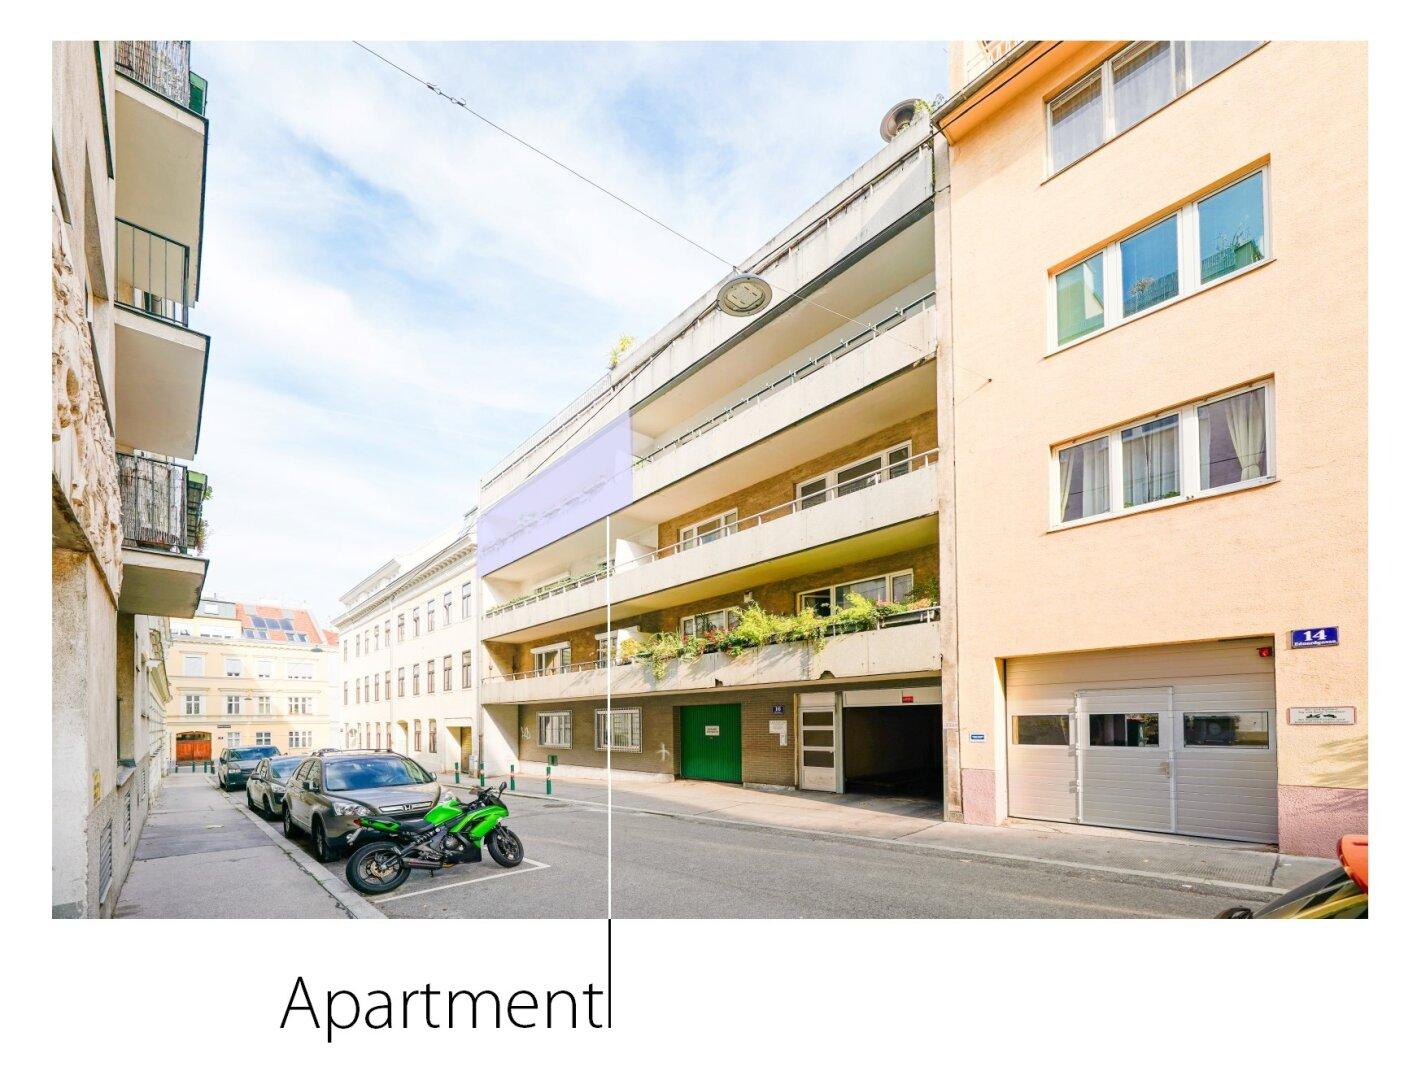 Fassade & Lage der Wohnung